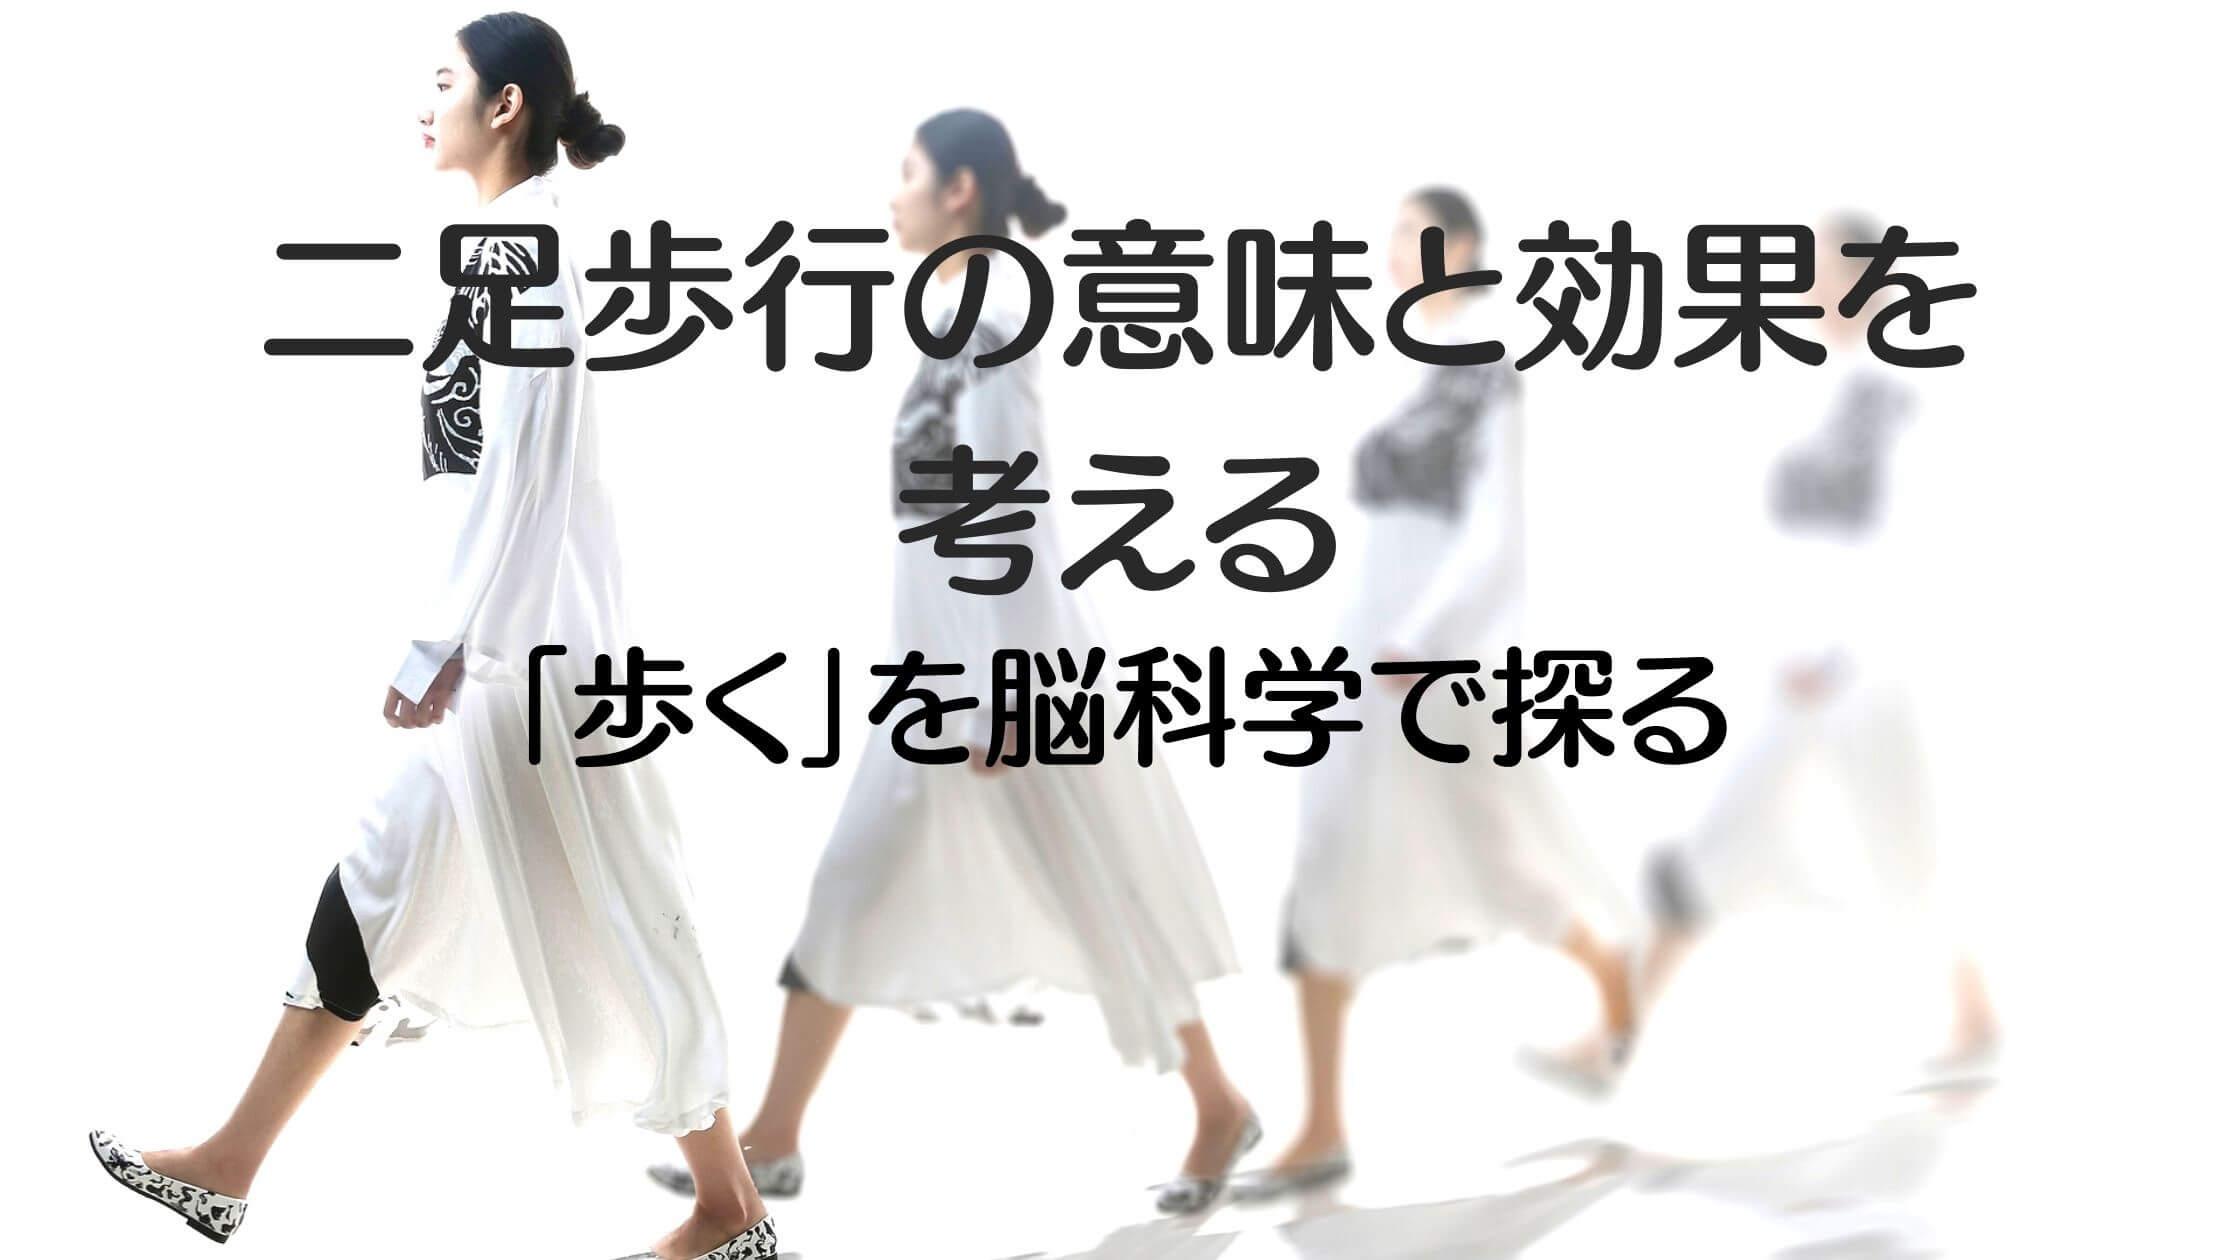 歩行-A1